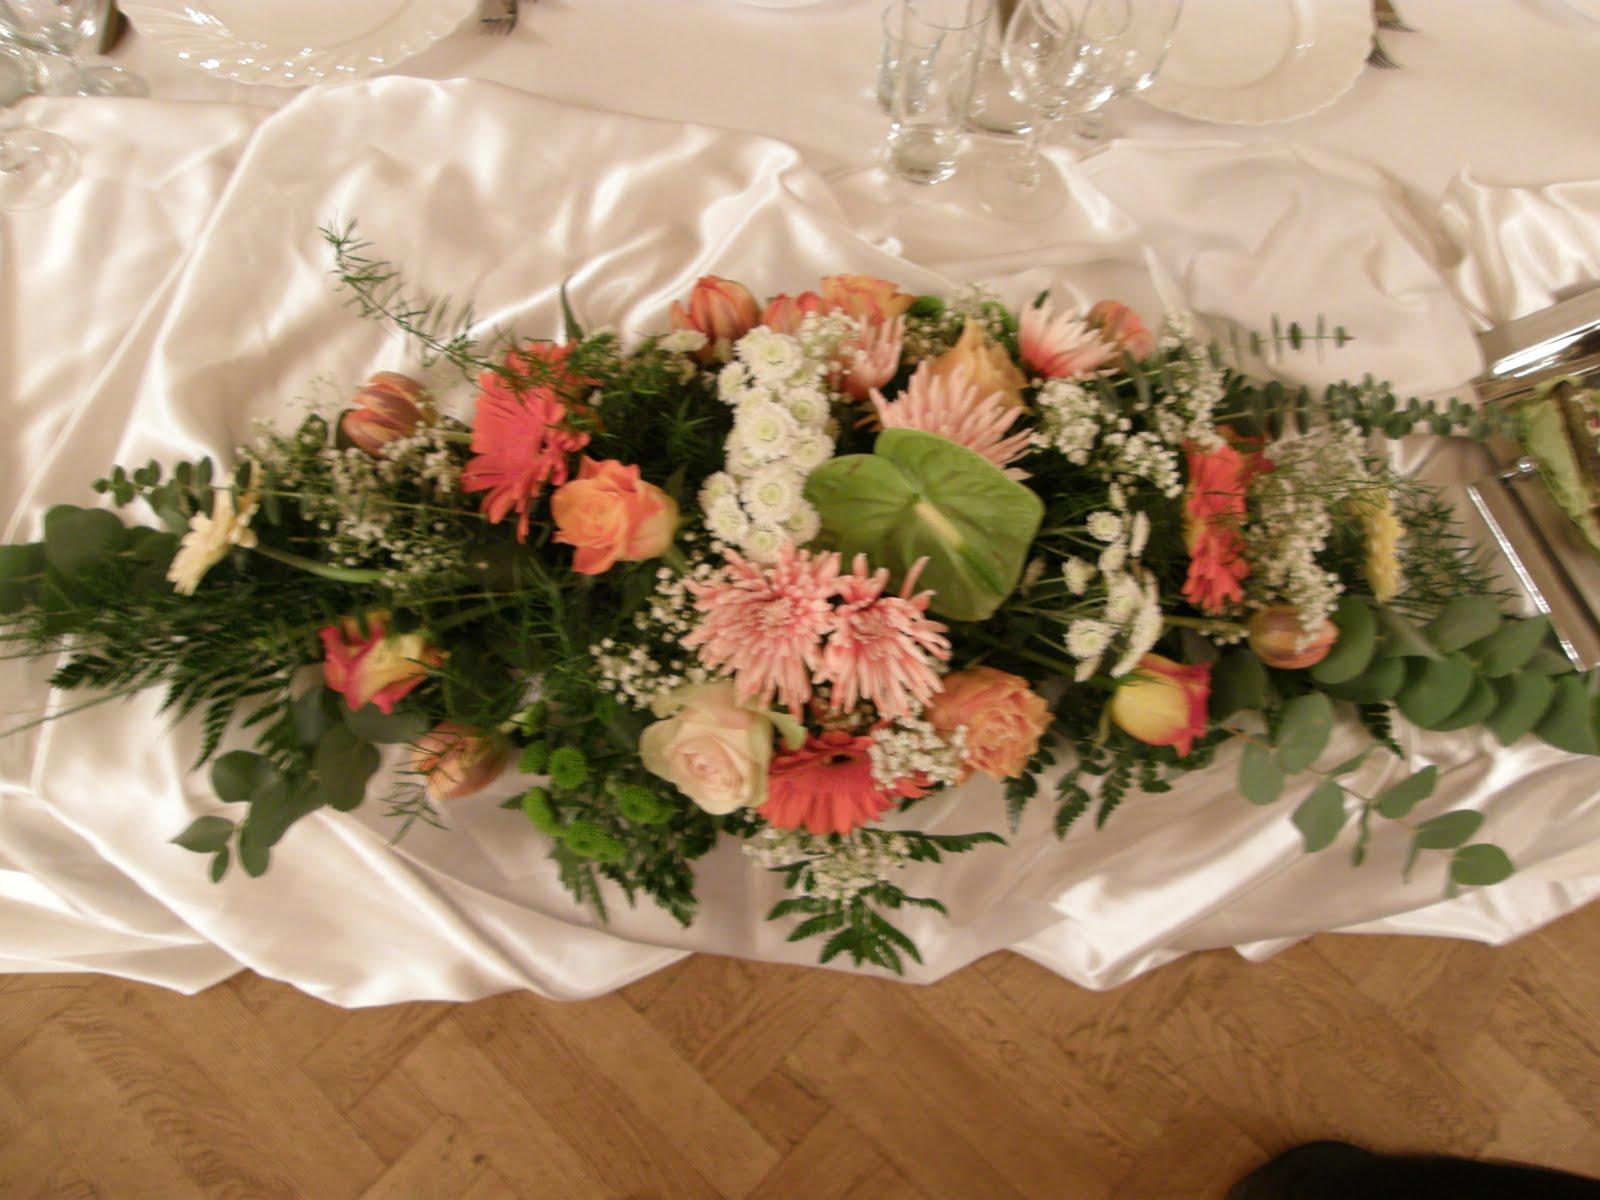 Оформление стола на свадьбу или любой праздник. Букетио 5